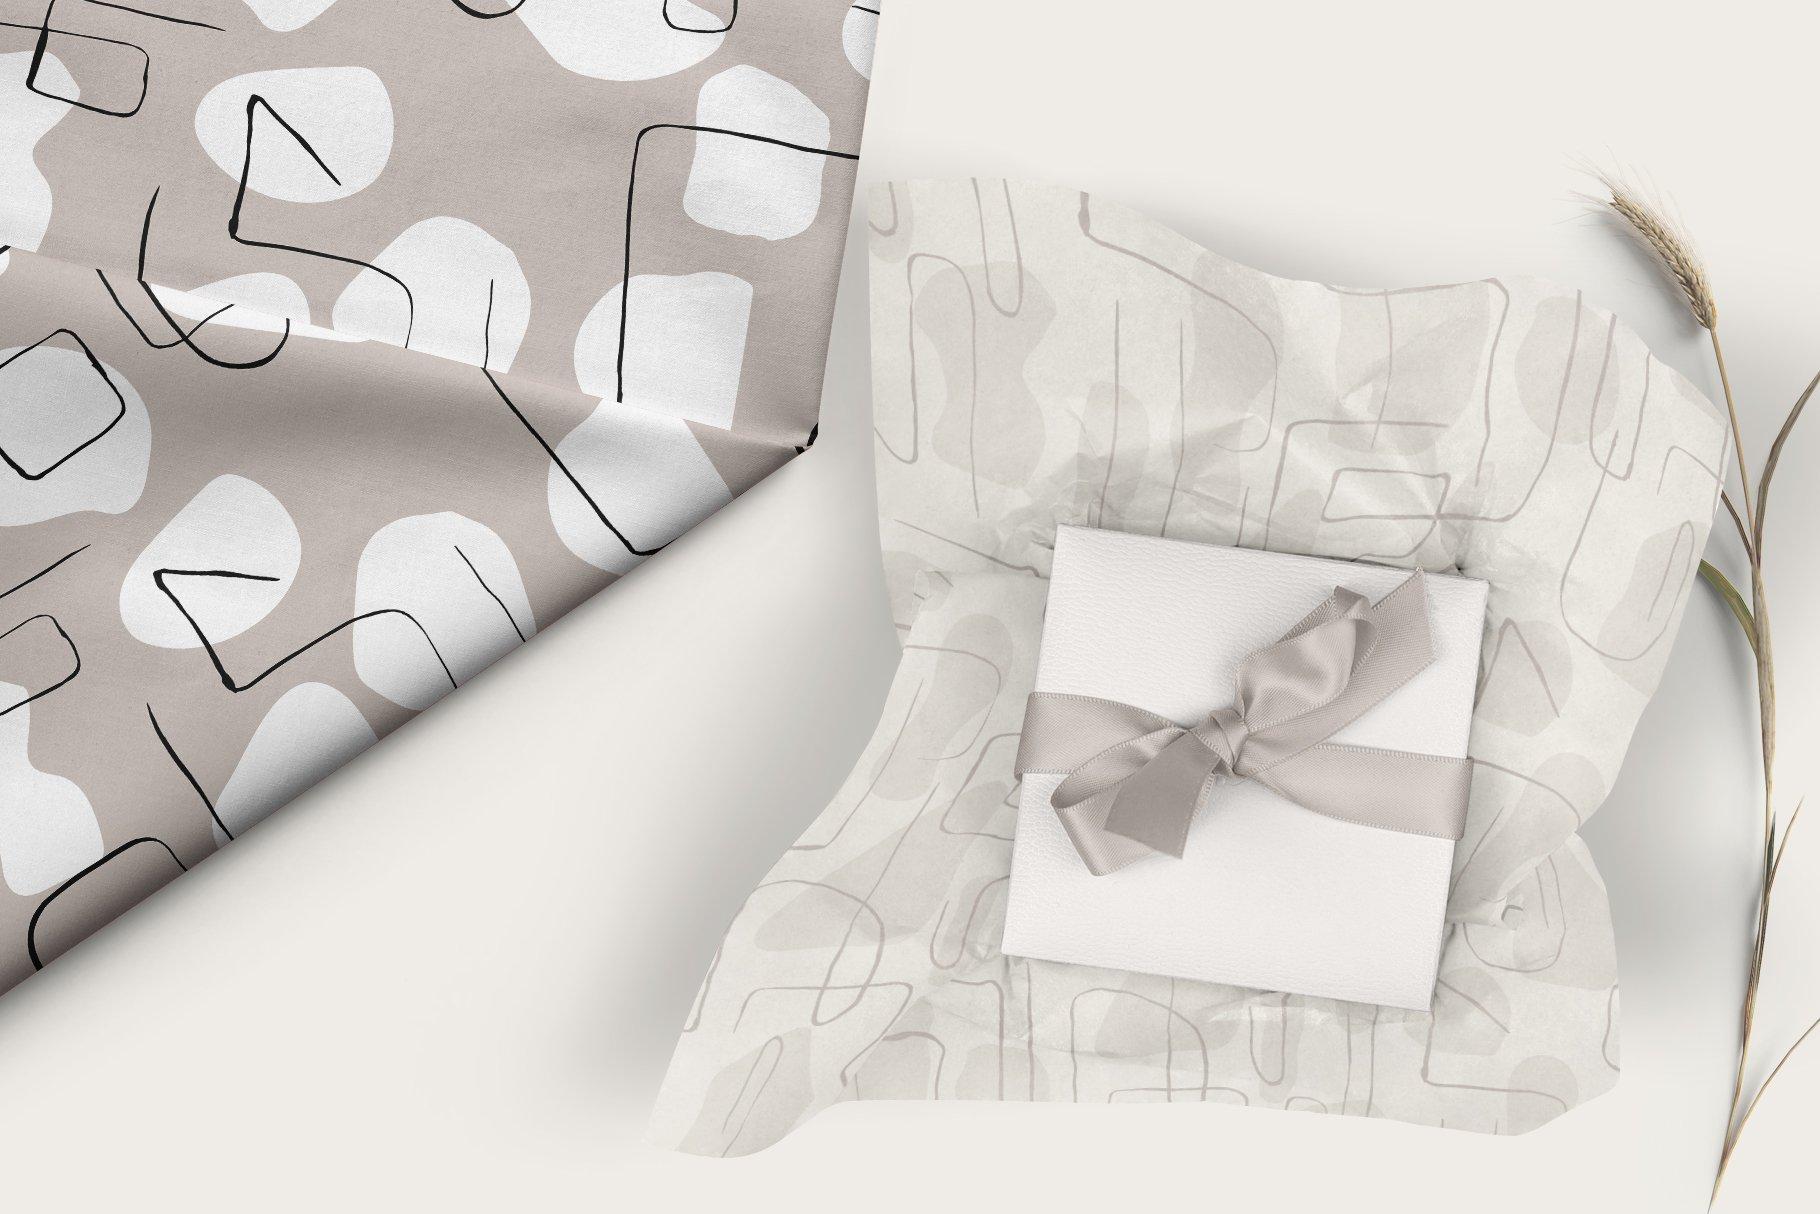 抽象艺术线条无缝隙矢量图案设计素材 Abstract Line Art Seamless Patterns插图4